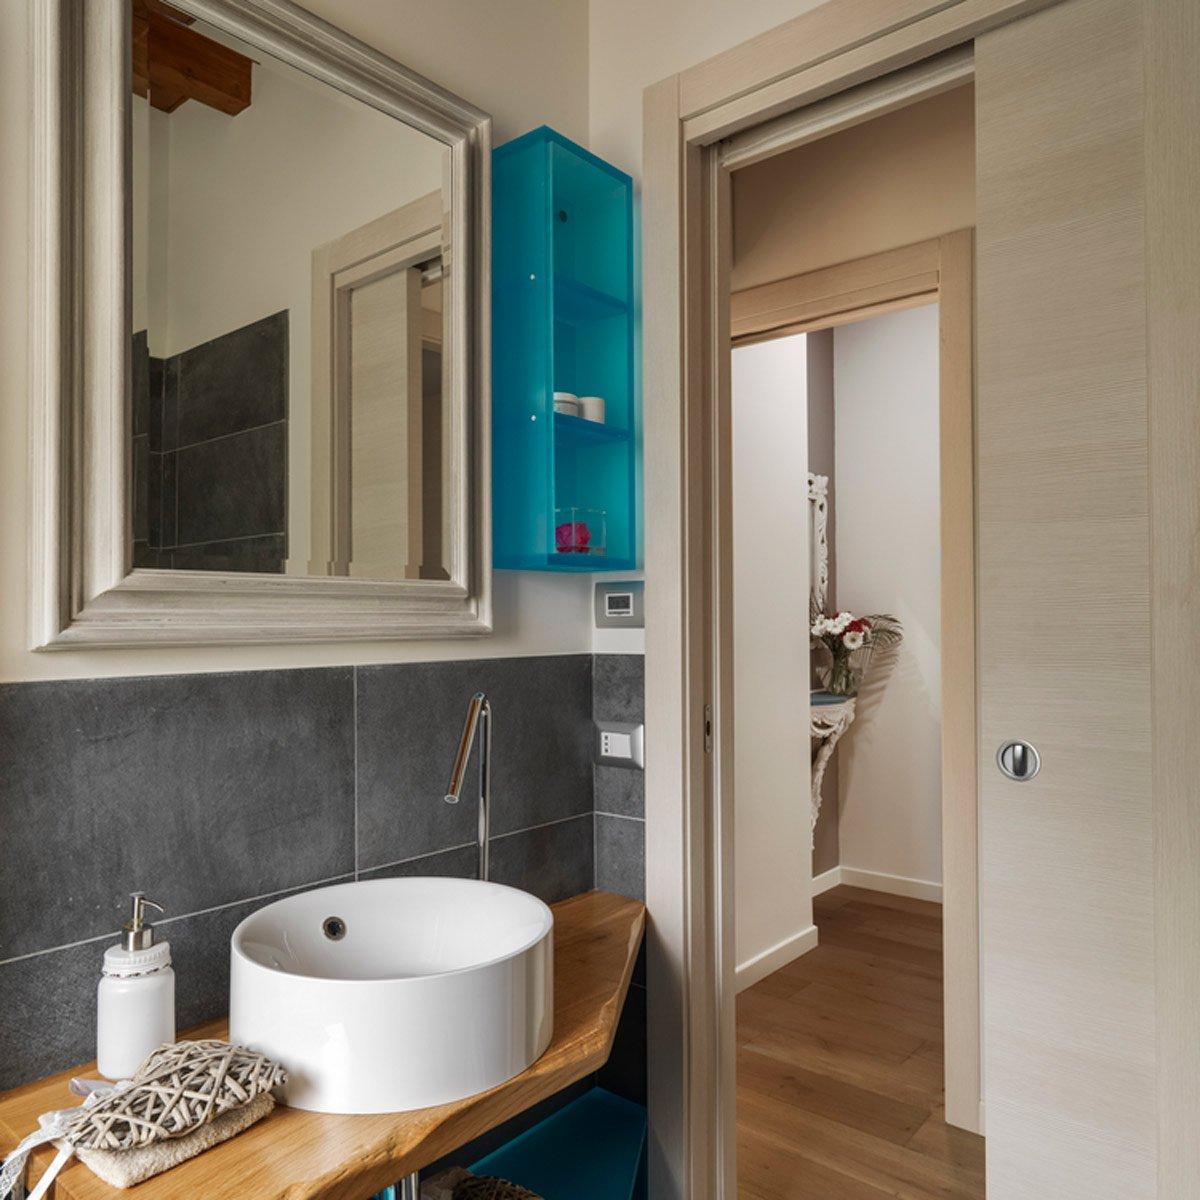 Master Bathroom Ideas for a Small Space | Family Handyman | The Family Handyman